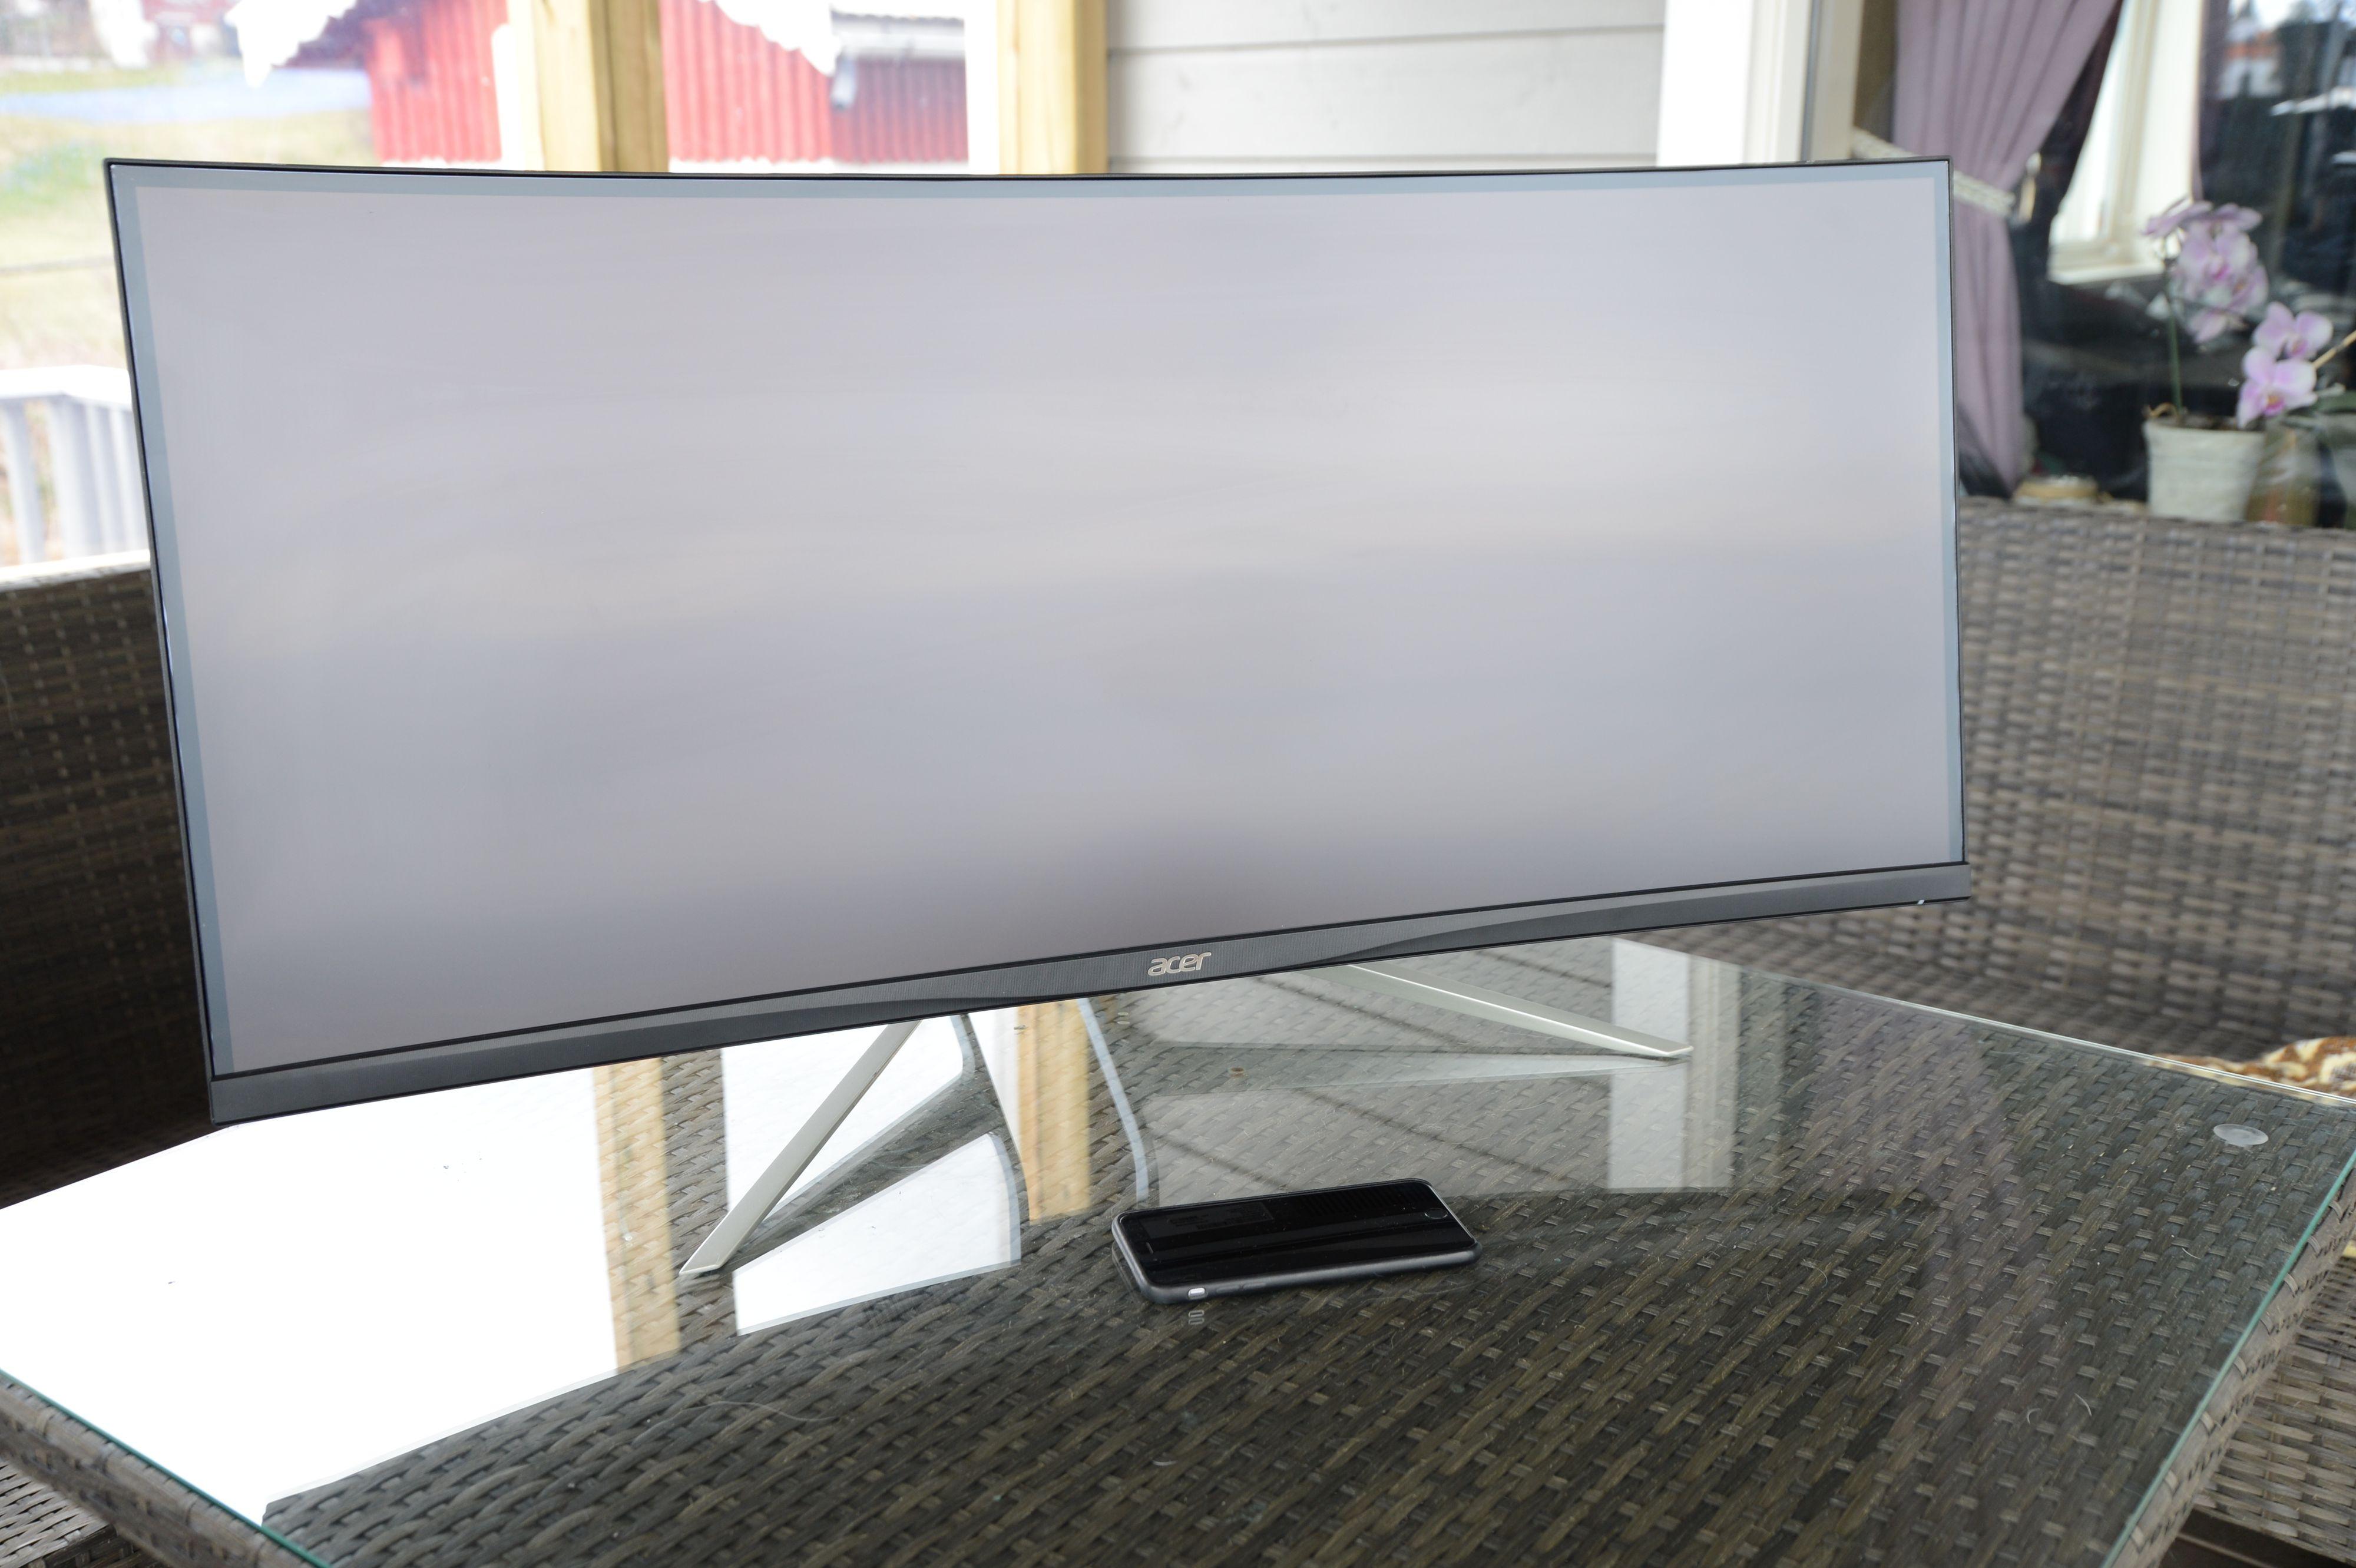 37,5 tommer fordelt på et 21:9-format gir deg en ultrabred skjerm. iPhone 6S Plus-en ser puslete ut i forhold.